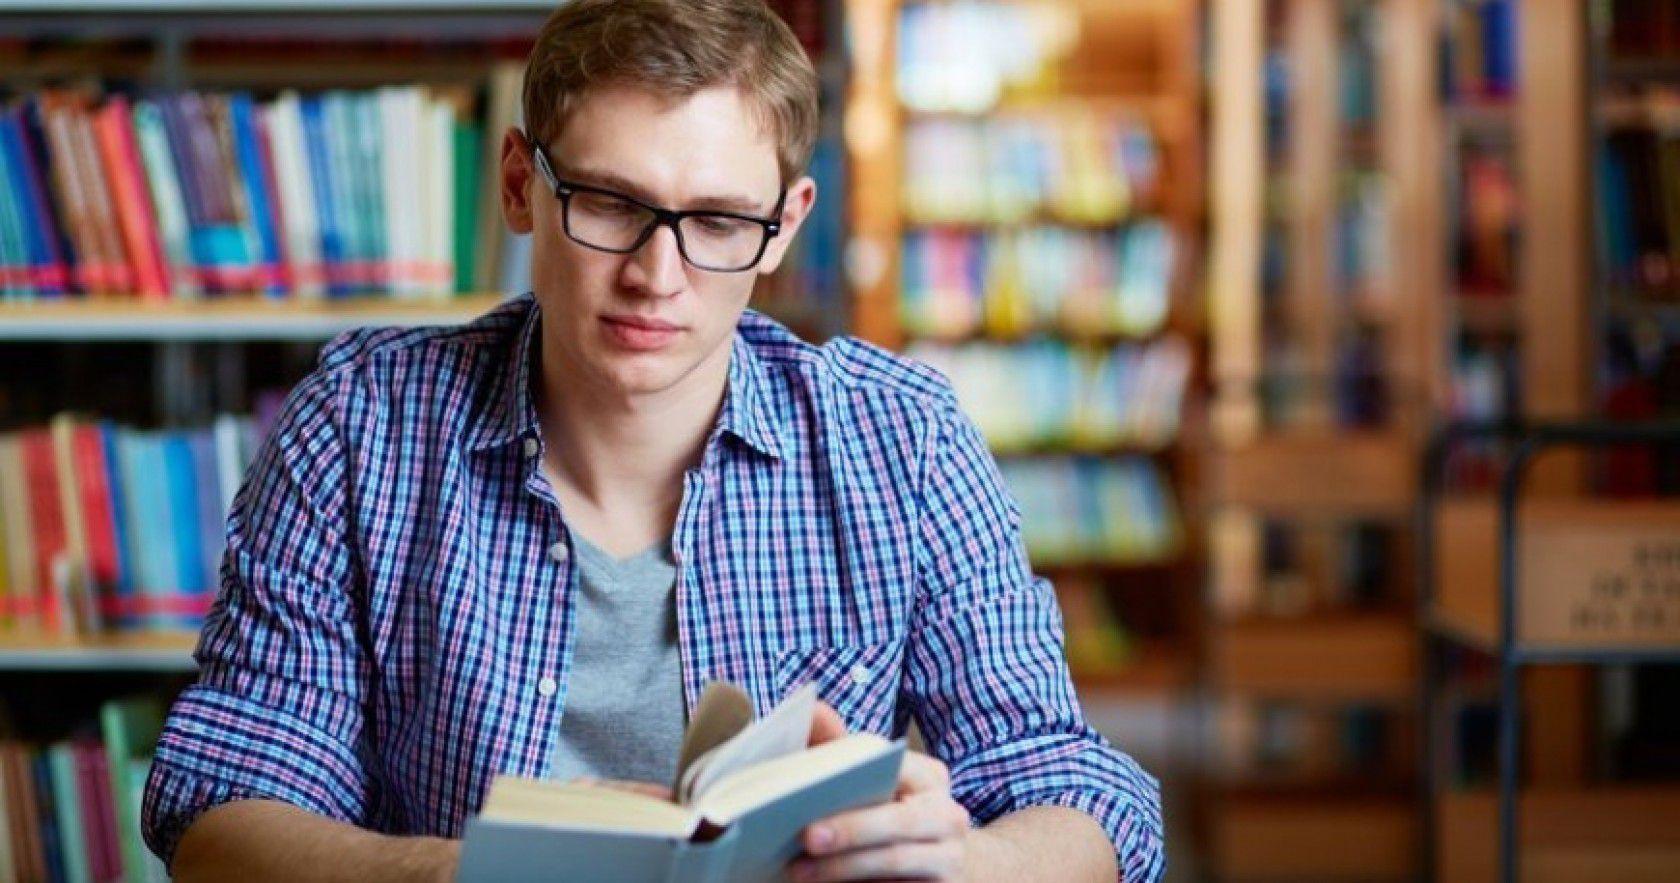 İtalya Floransa'da Özel Yatılı Lise Eğitimi Ve Kampüs Hayatı Nasıldır?